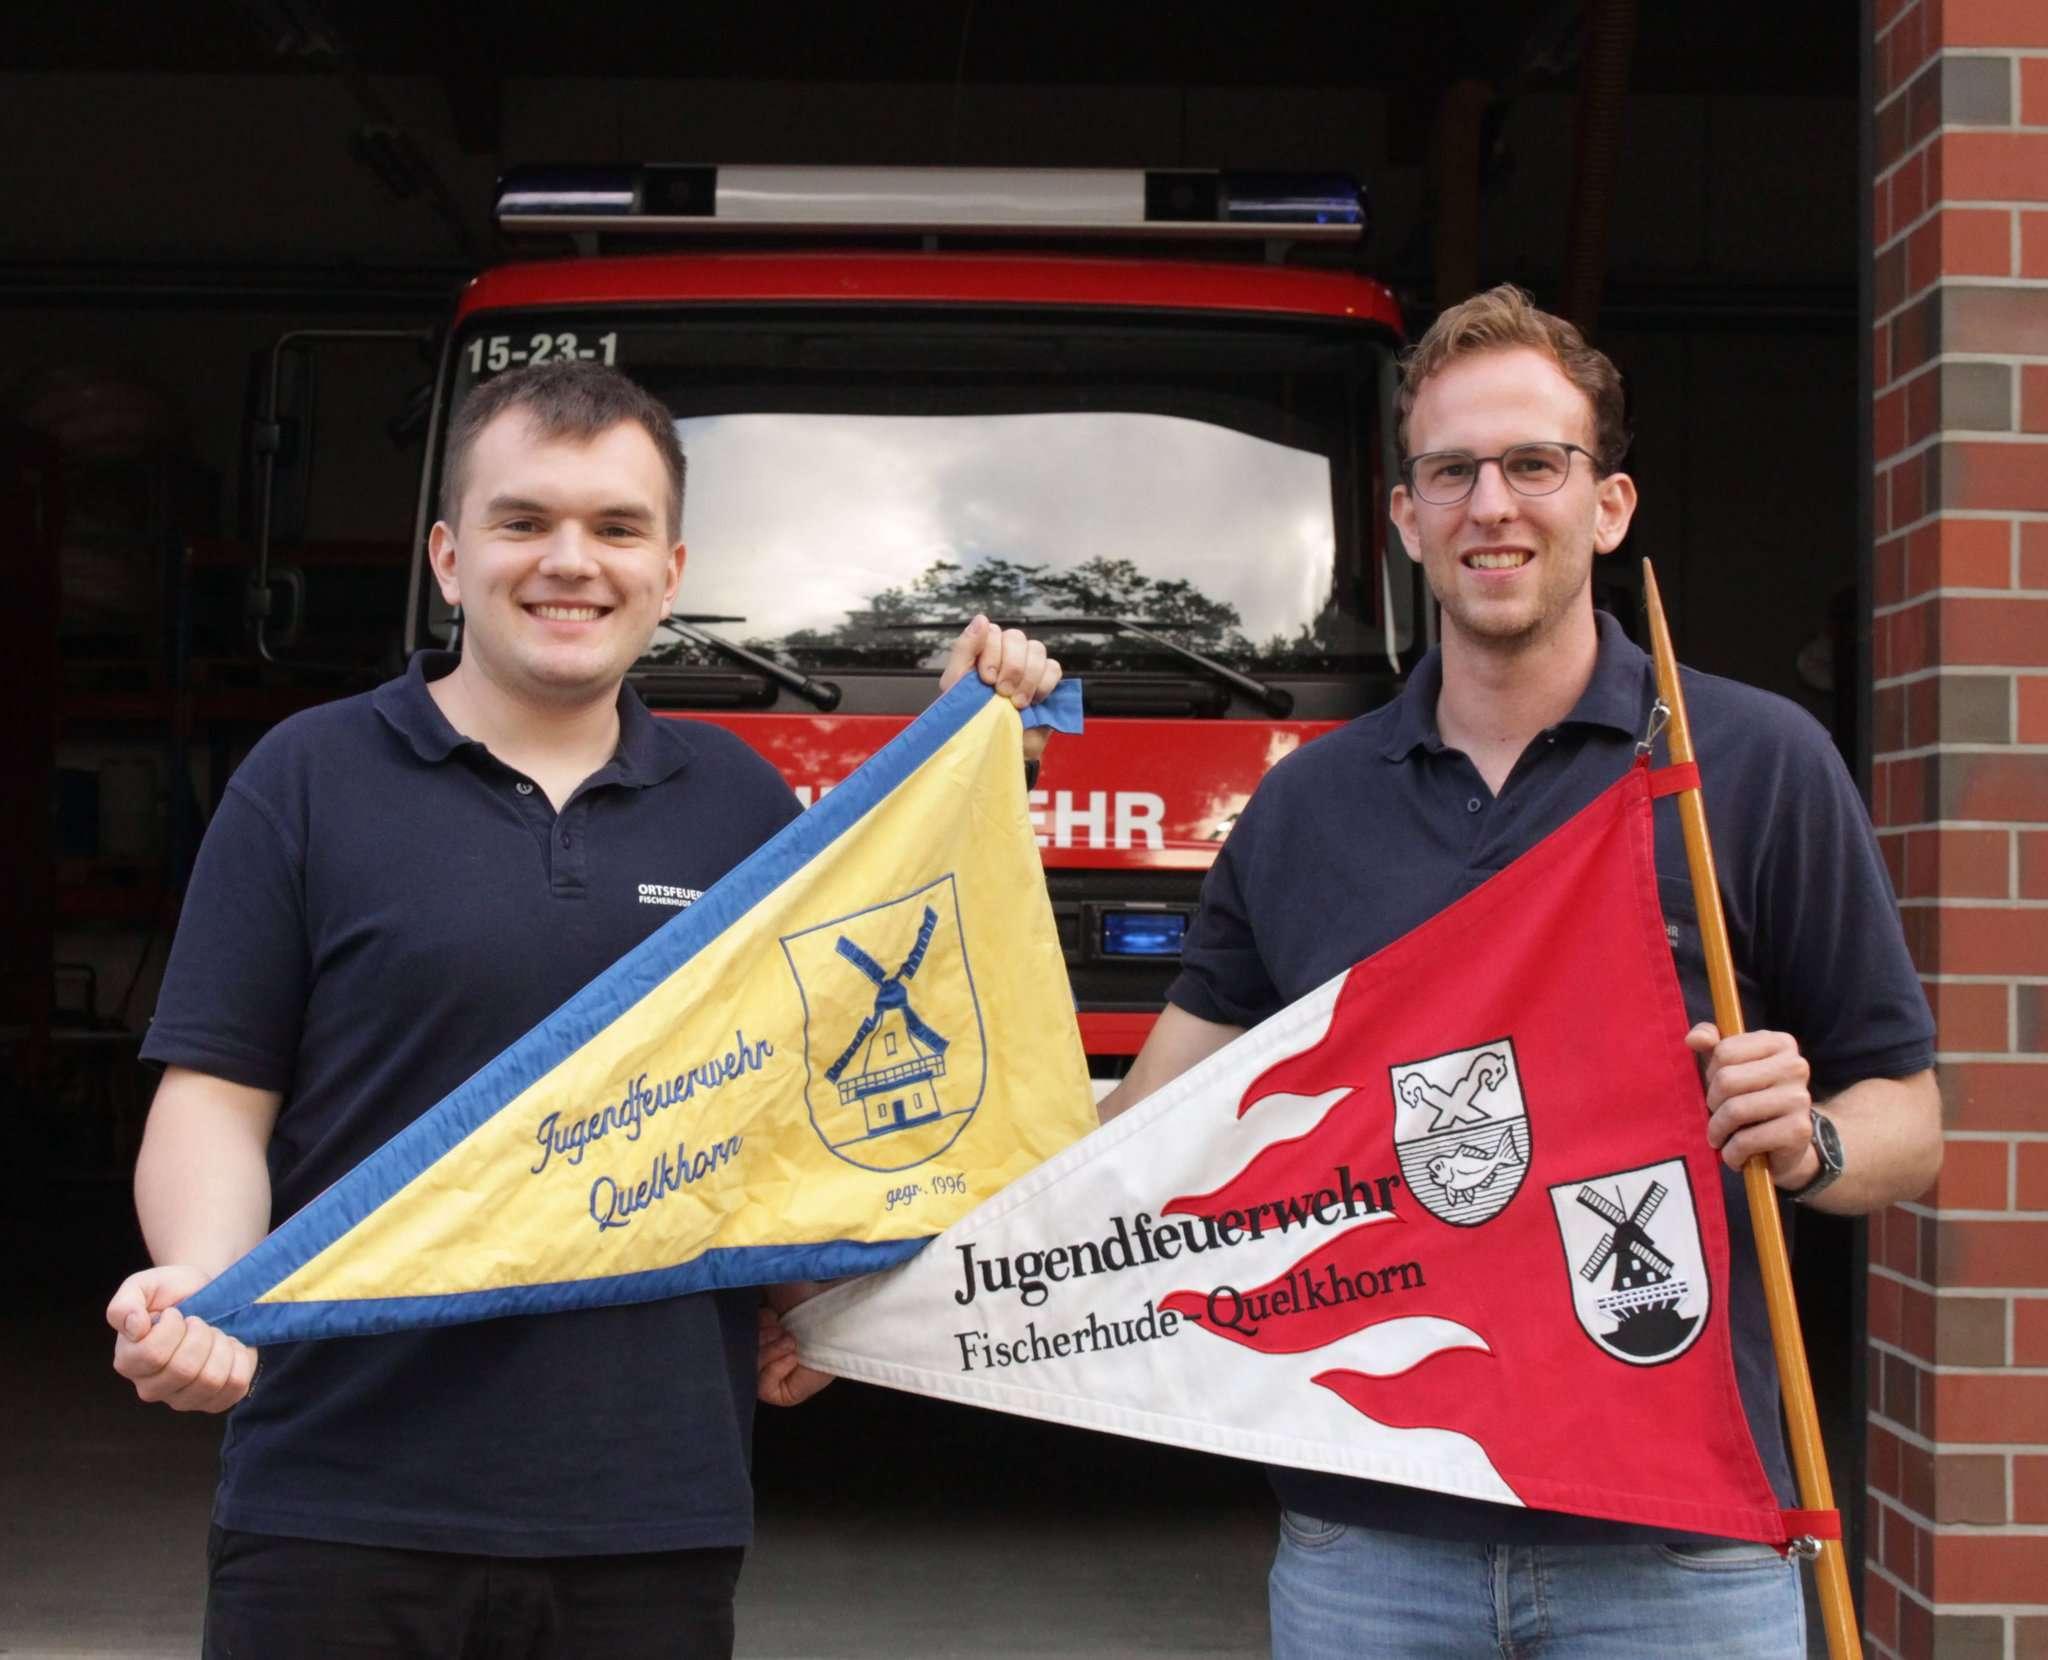 25 Jahre jung u2013 ihr Silberjubiläum begeht die Jugendfeuerwehr Fischerhude-Quelkhorn, hier das aktuelle Leitungsteam Hannes Scheffter (l.) und Jens Stertefeld. Foto: Duncan